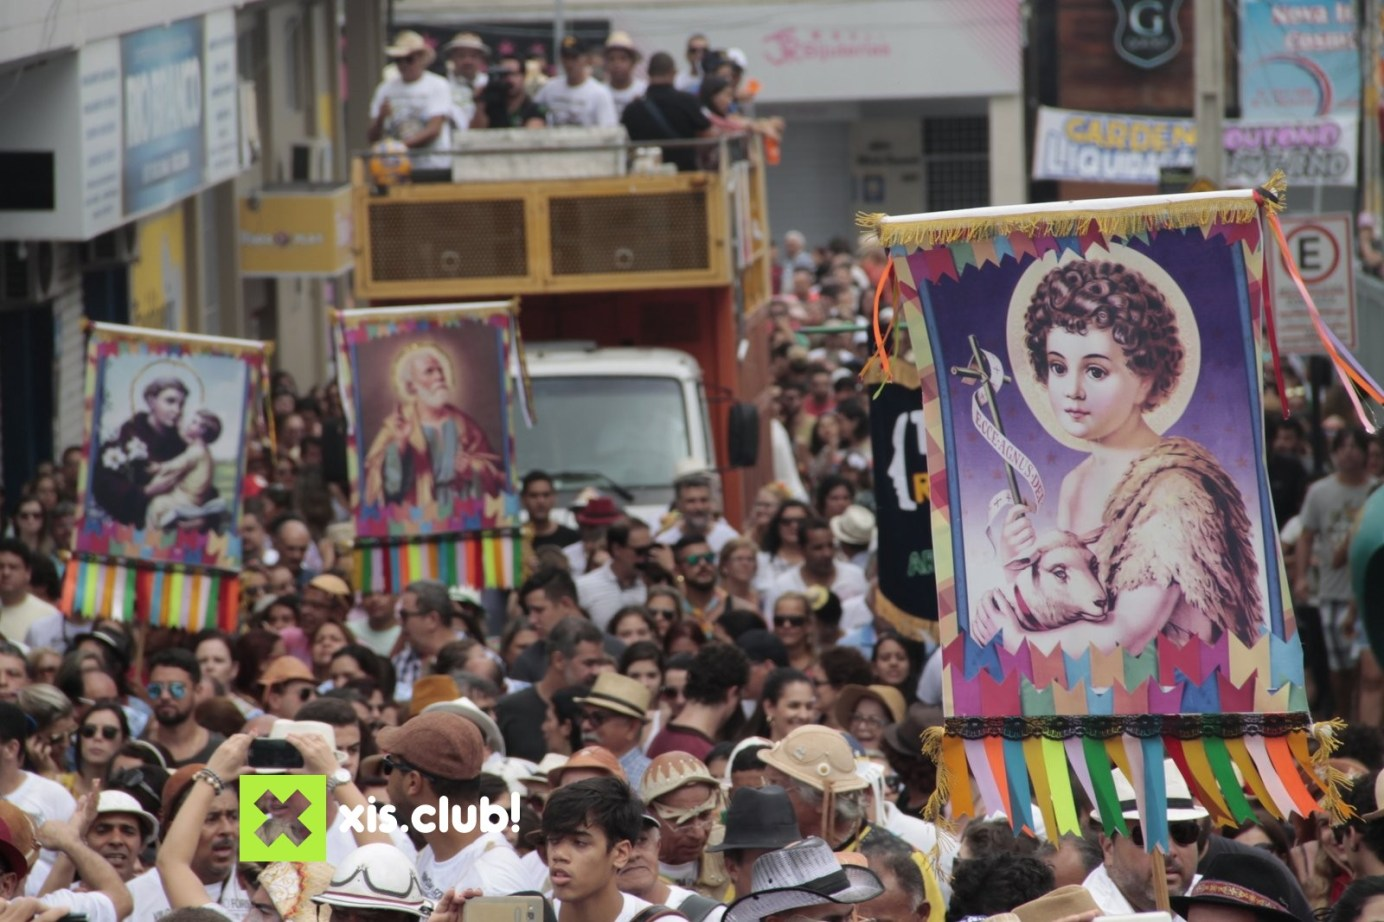 Maior cortejo junino do Brasil: Caminhada do Forró movimenta véspera de São João em Arcoverde